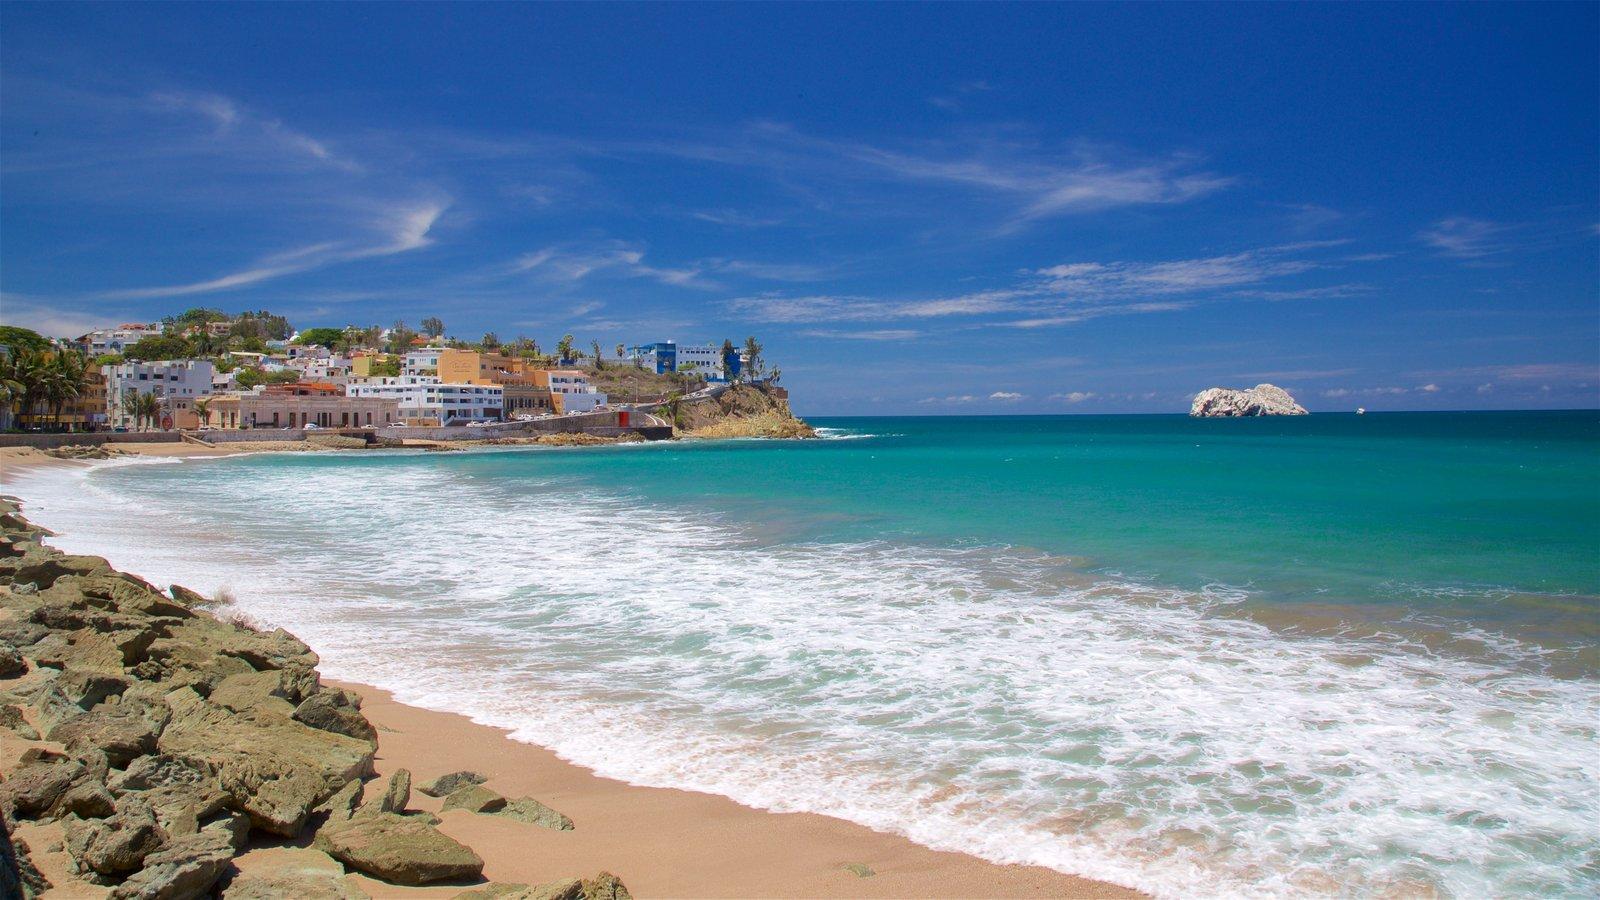 Mazatlan Which Includes A Beach And General Coastal Views